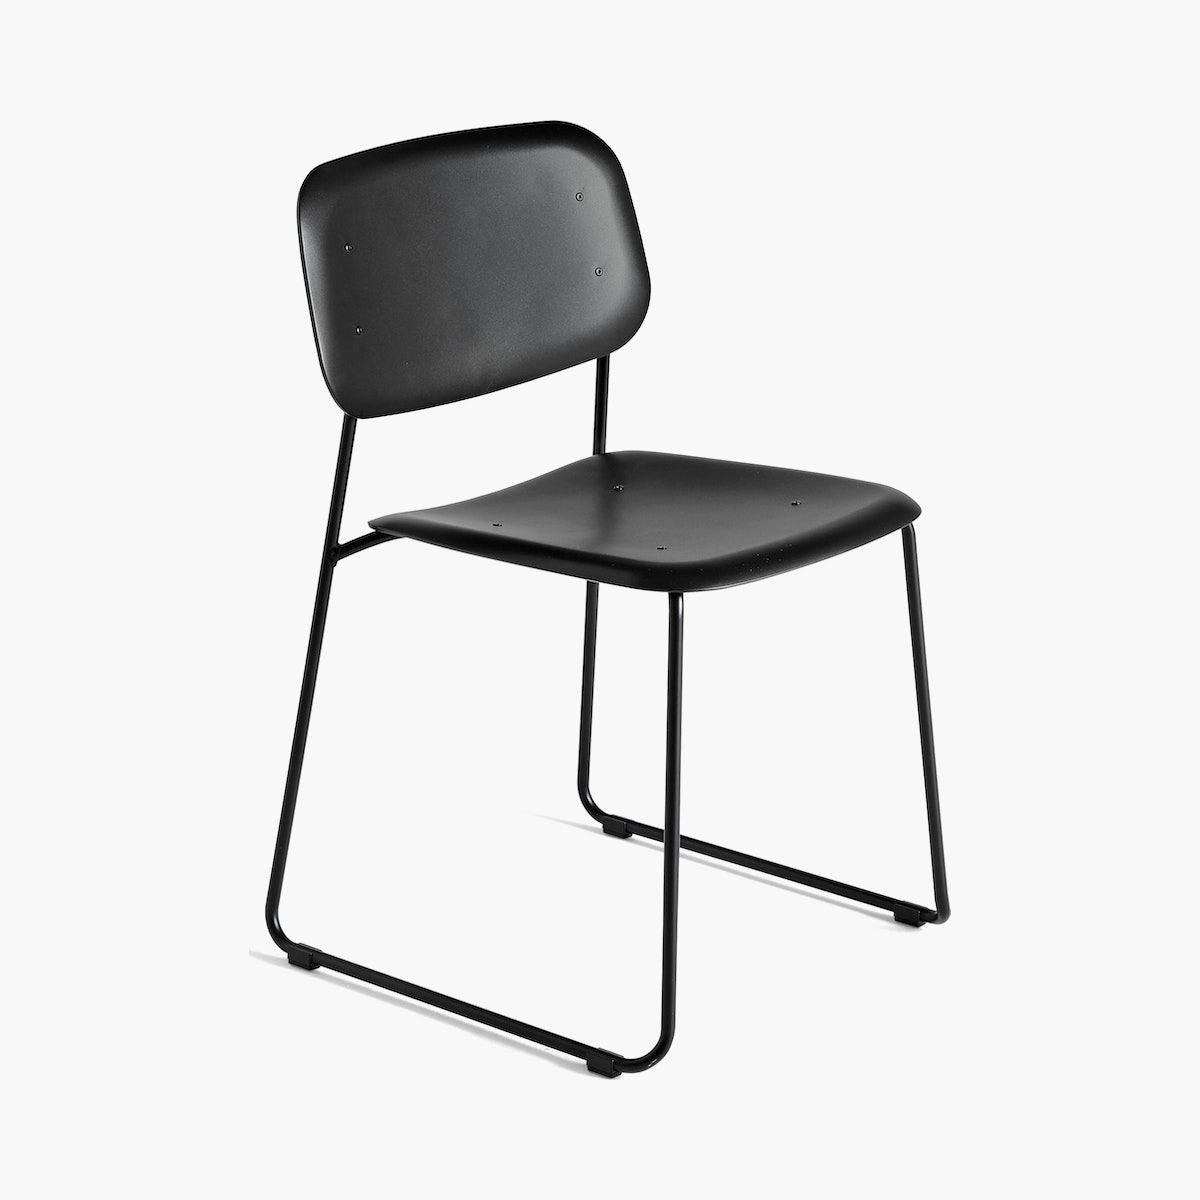 Soft Edge 10 Sled Chair